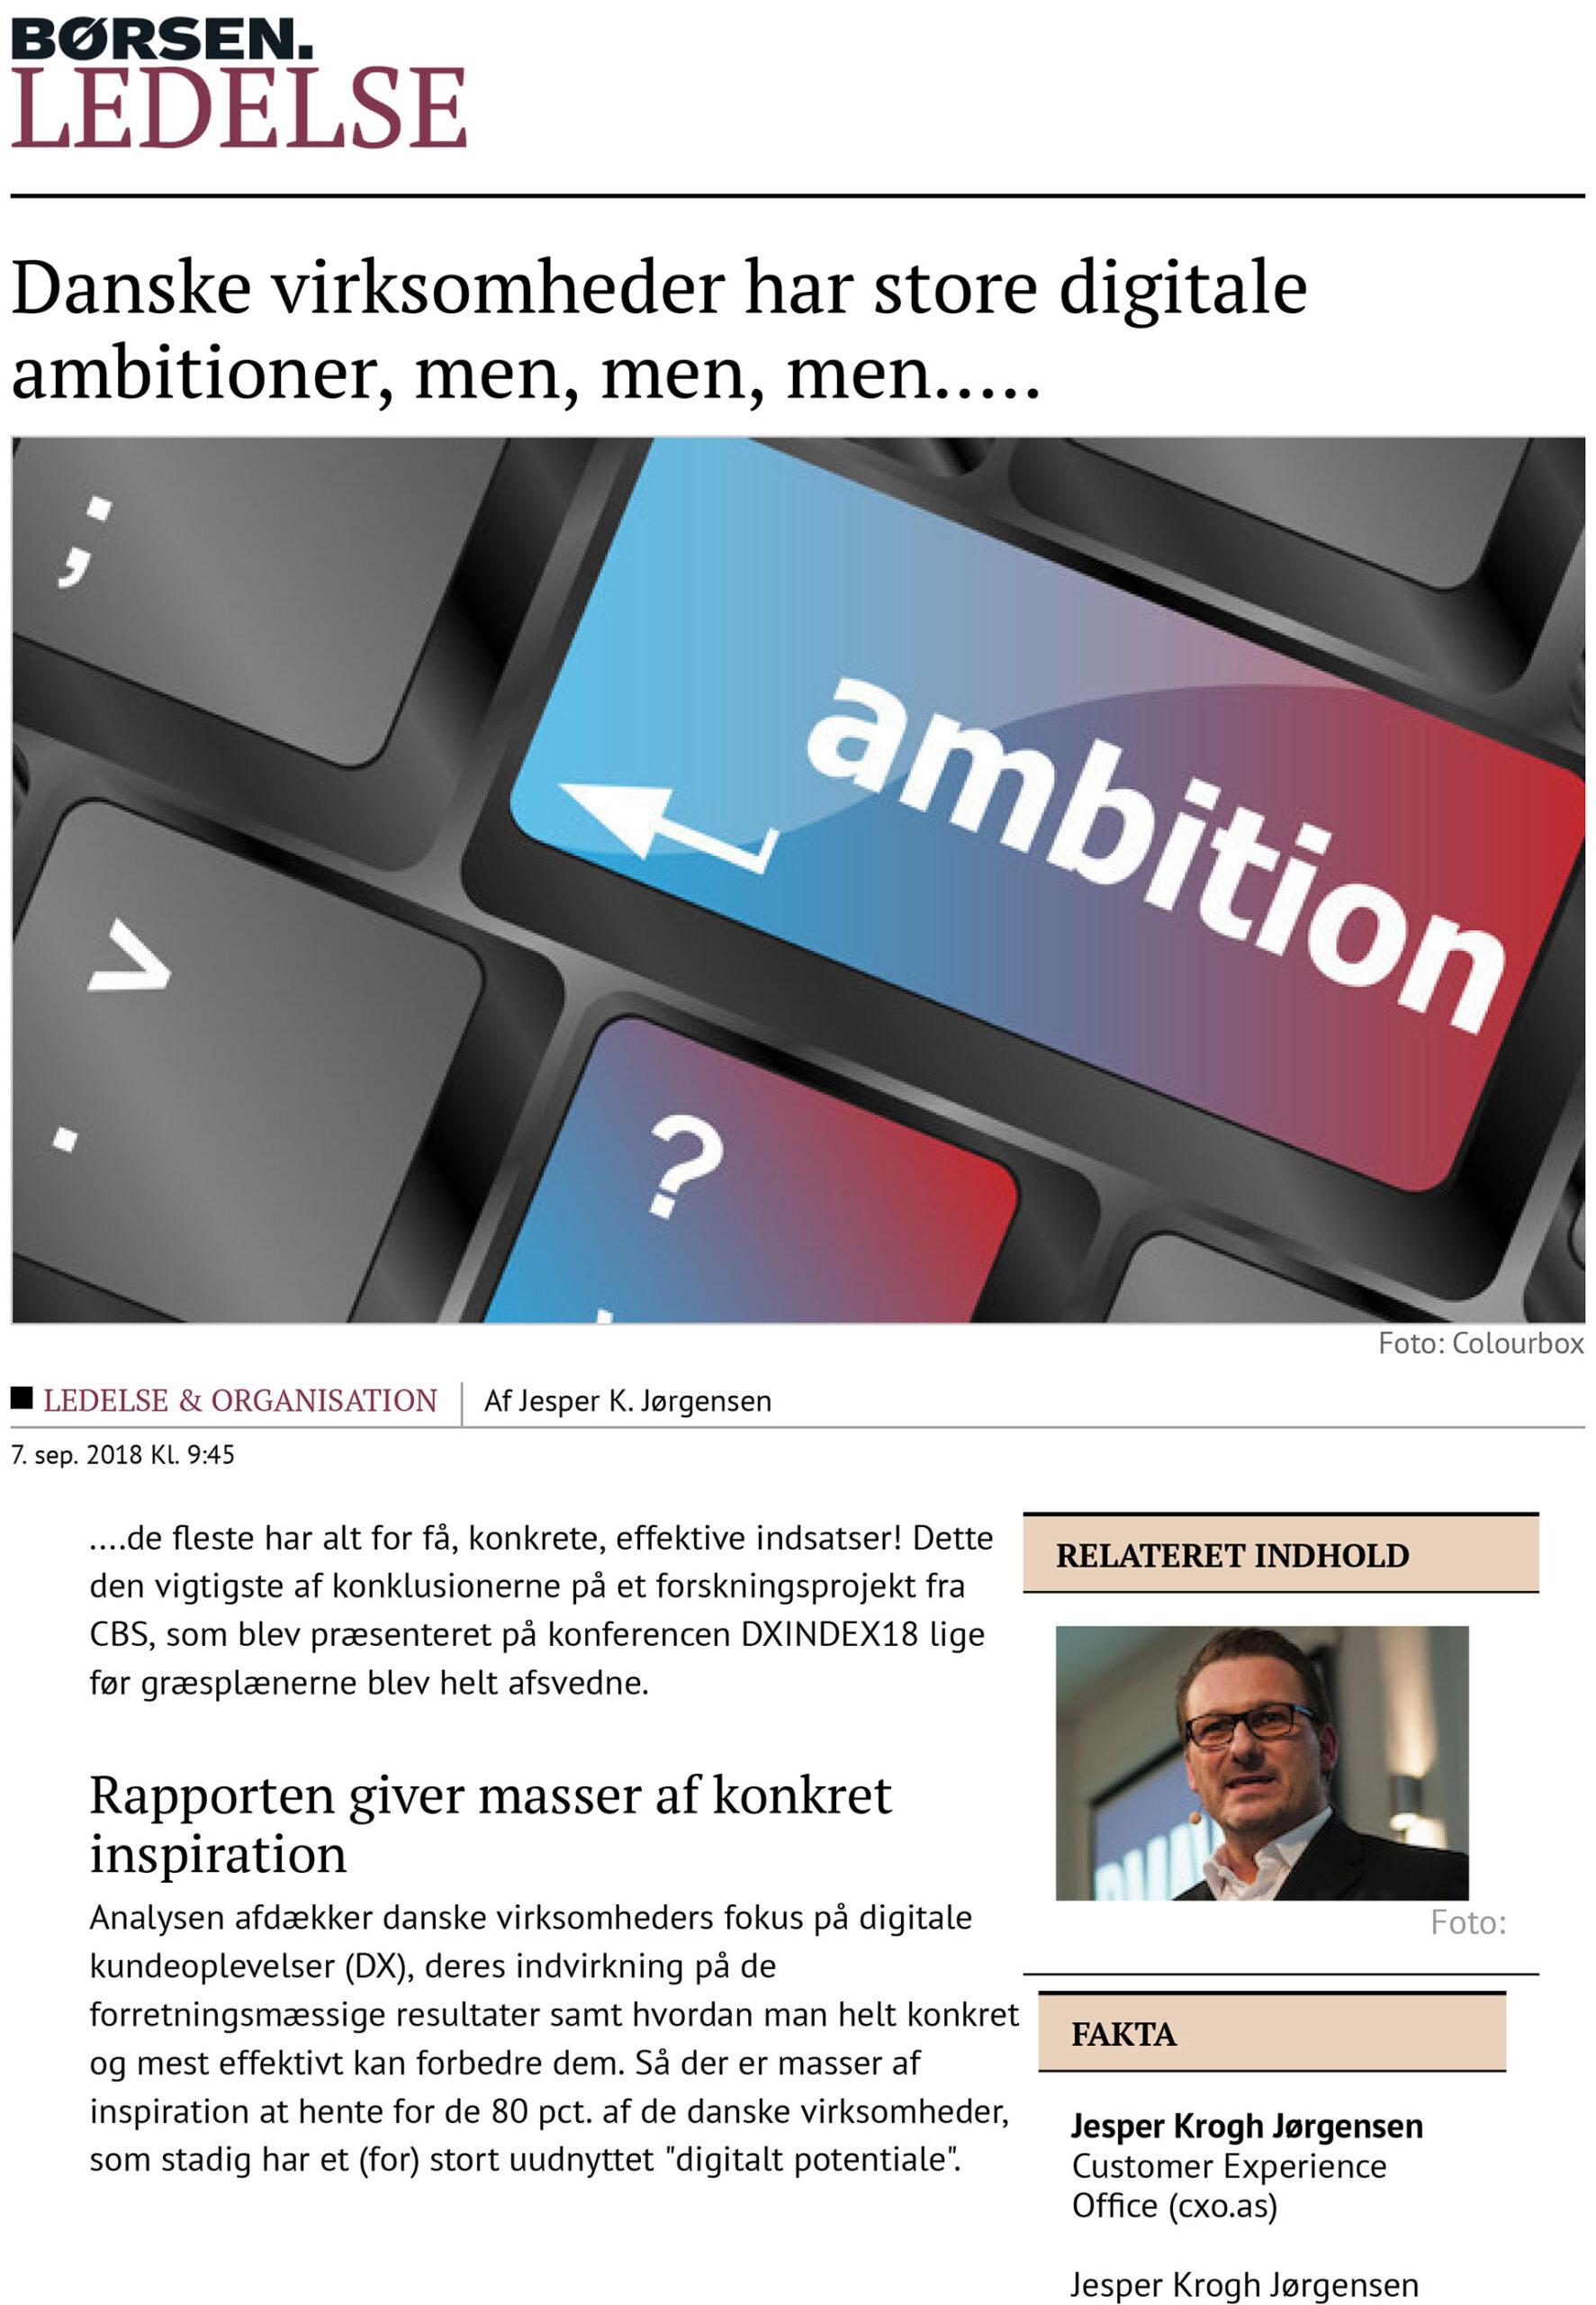 Børsen Ledelse: Danske virksomheder har store digitale ambitioner, men, men, men...